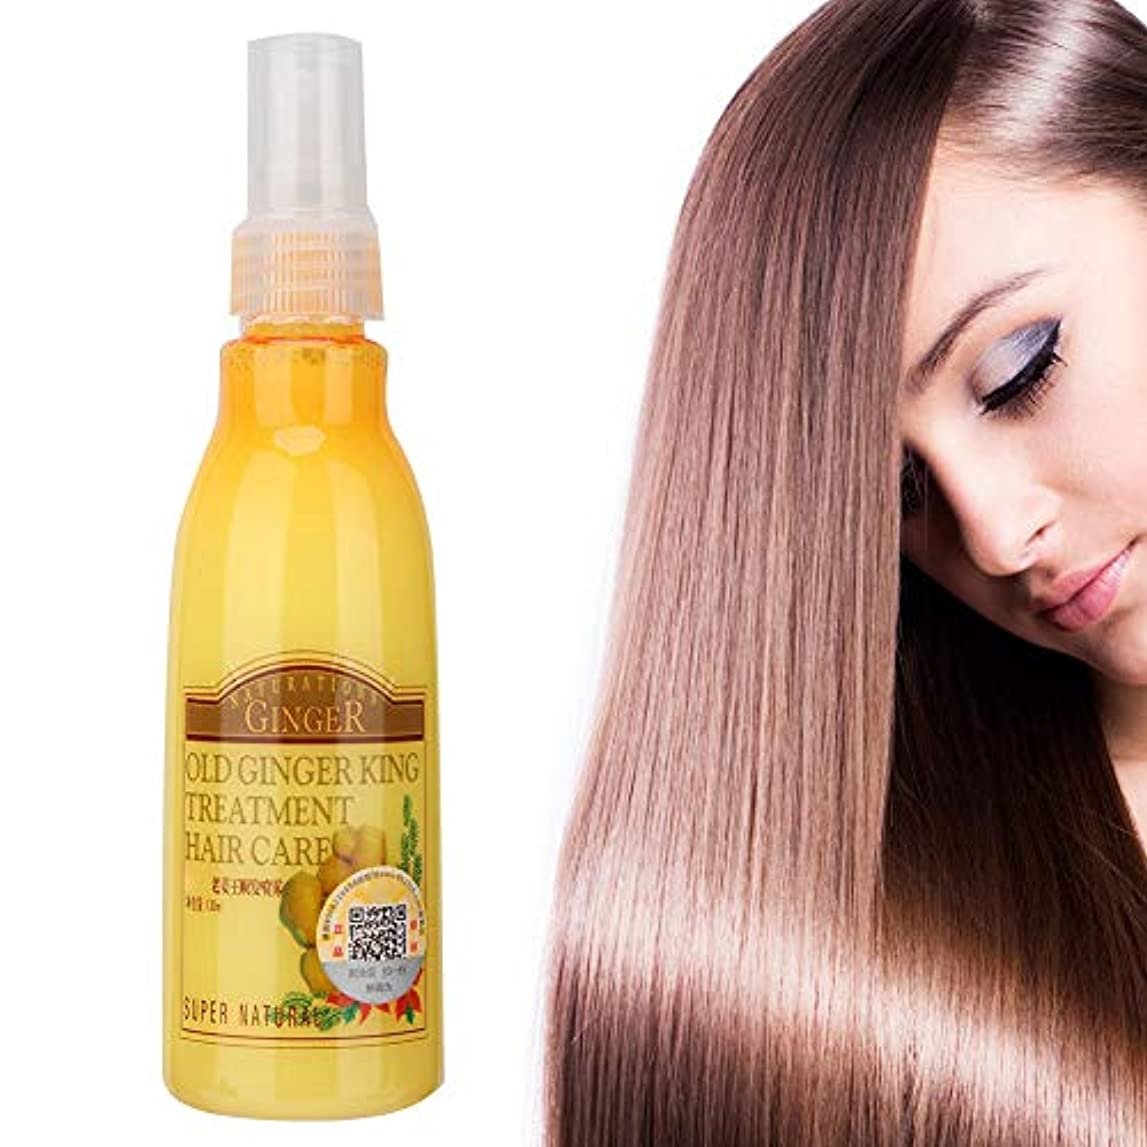 多用途計算可能ママ130ミリリットルヘアエッセンスオイル、栄養補修損傷スプリットフリッツ女性の髪の問題を解決するためにフケ頭皮ケアを減らす